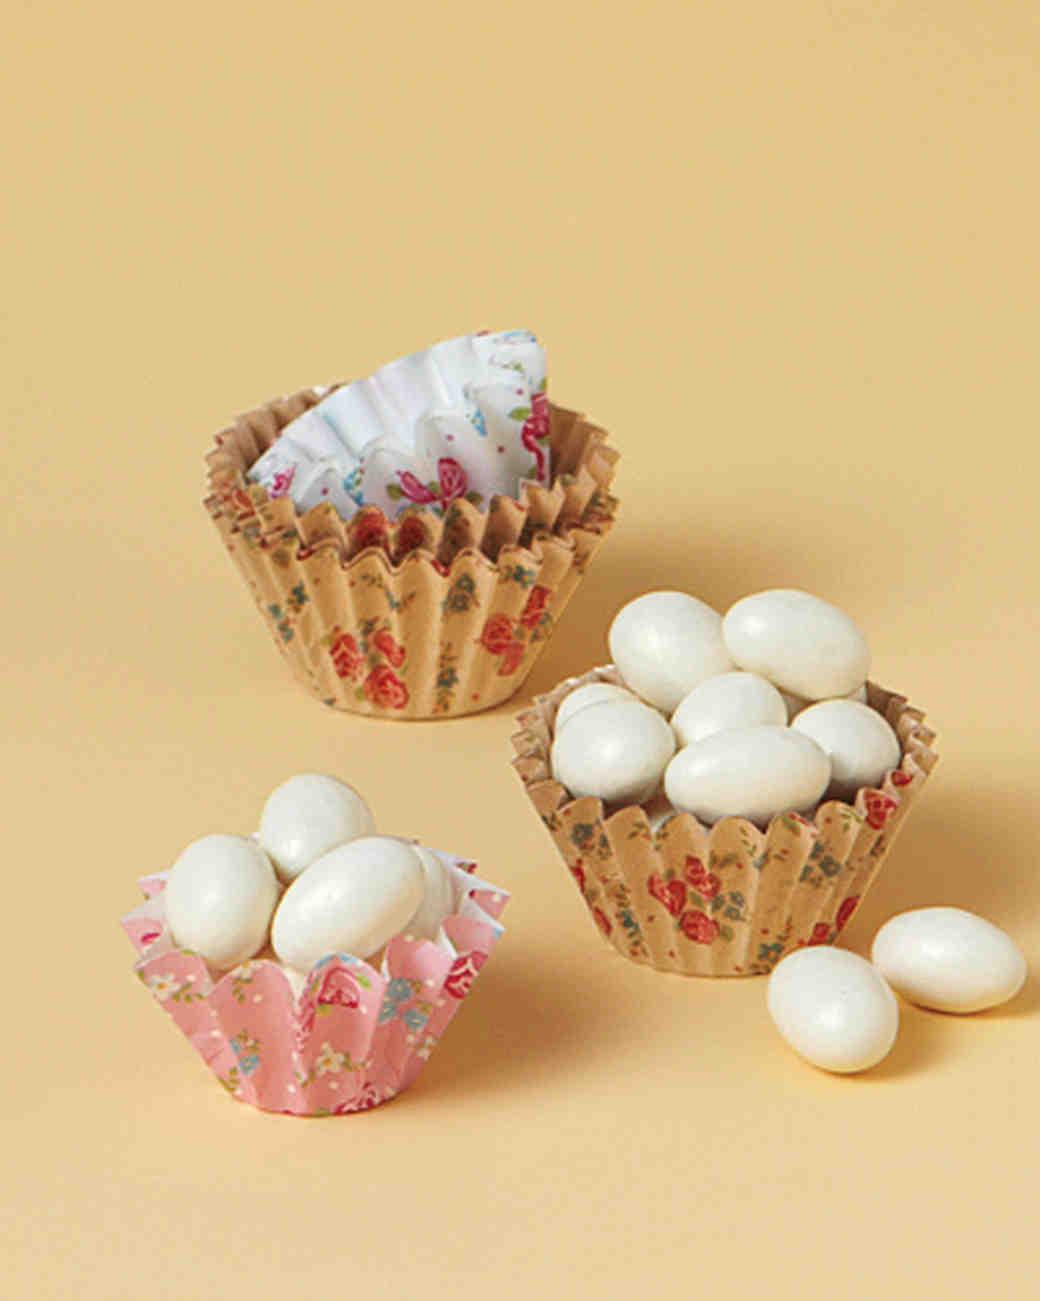 muffin-cups-mwd110589-100-0114.jpg